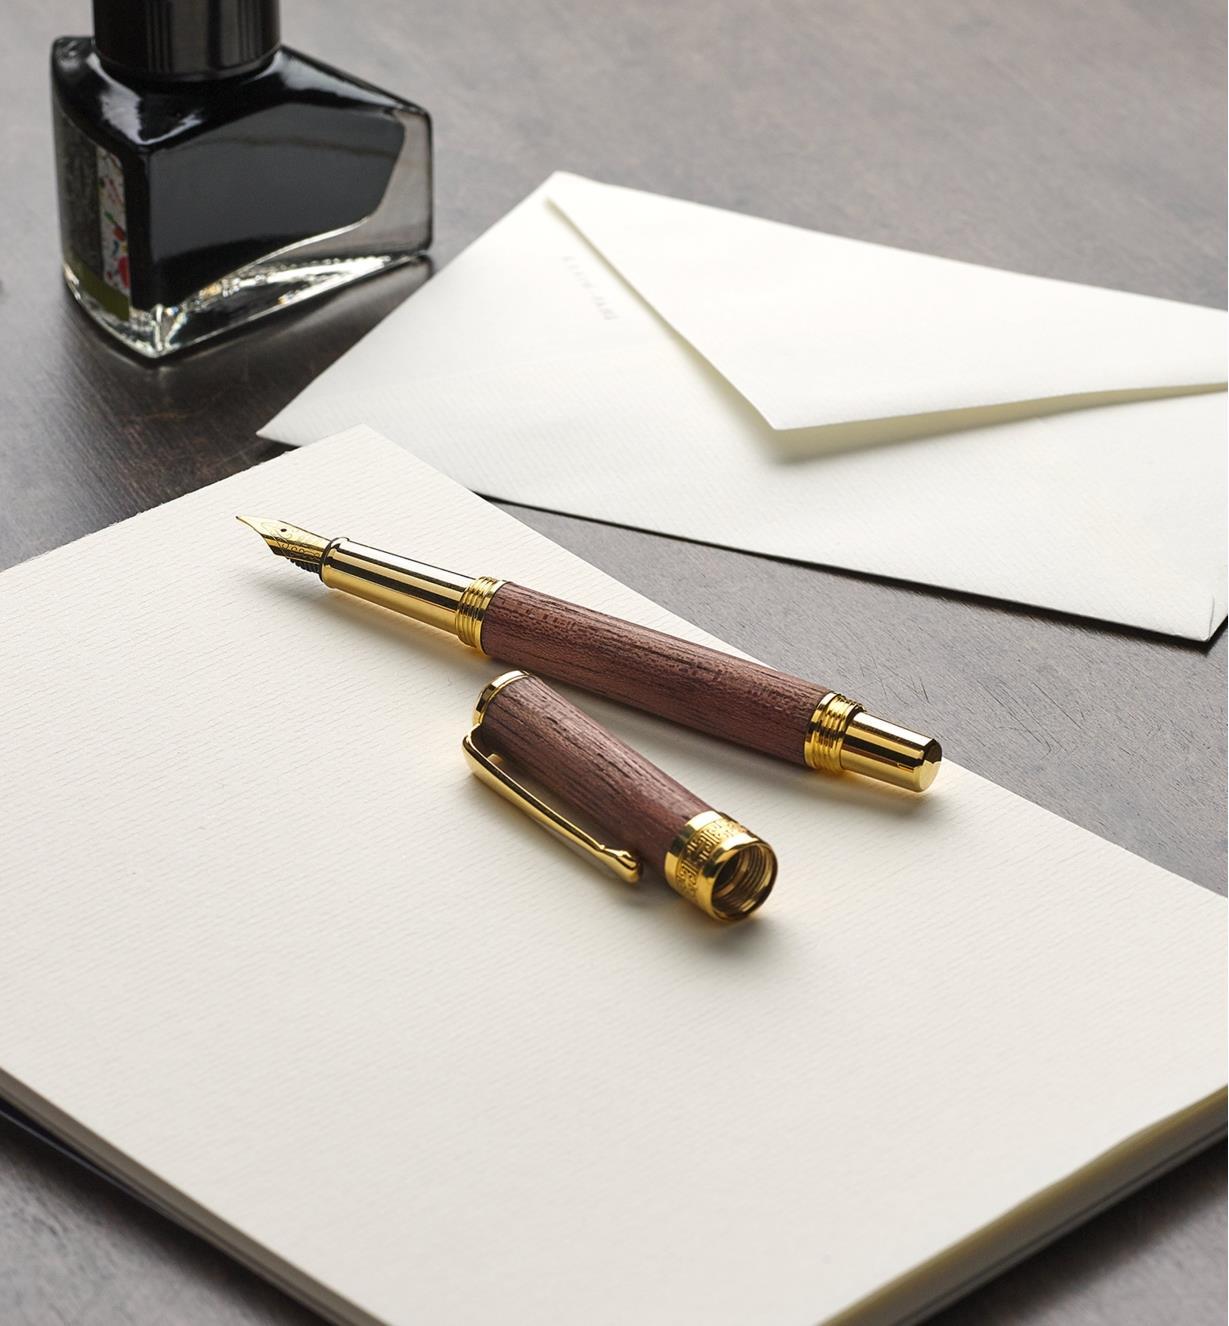 Stylo à bille roulante New Series doré reposant sur un bloc-notes avec son capuchon